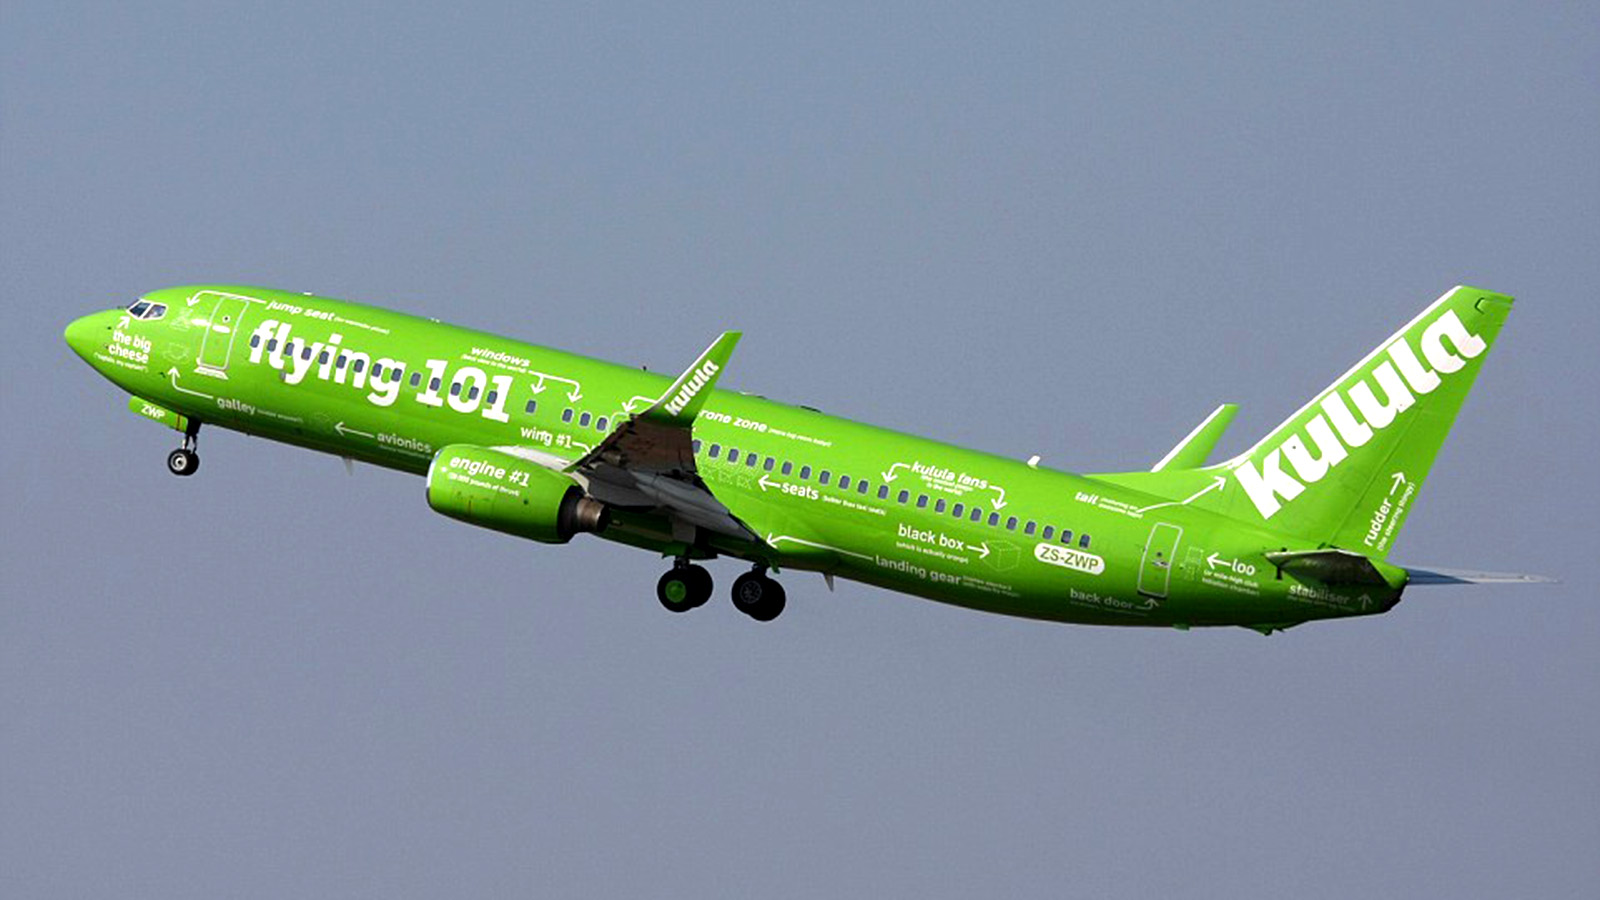 170308141228-aircraft-livery-kulula-flyi